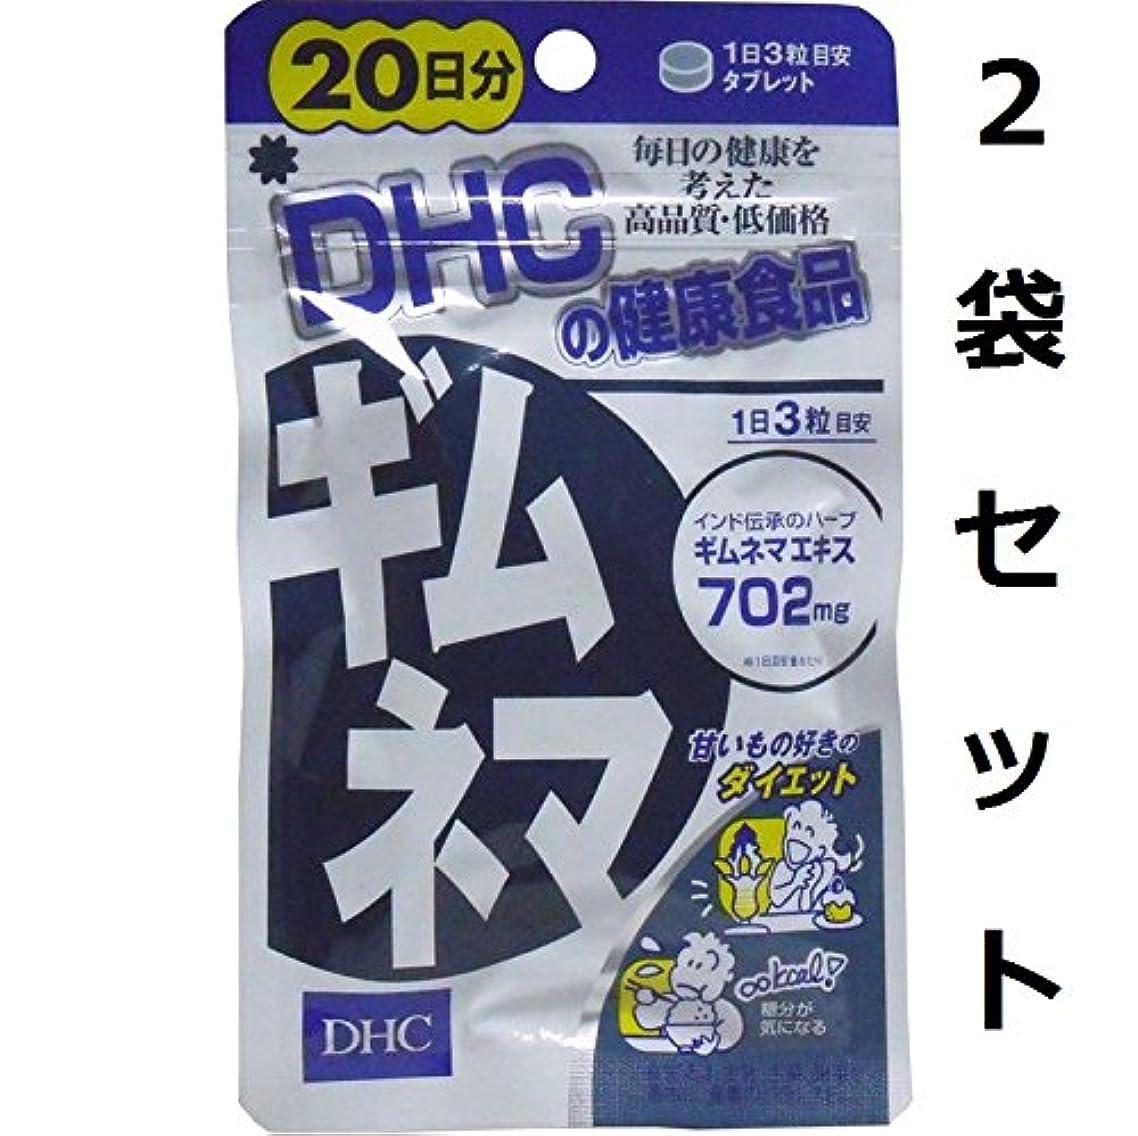 おめでとうアイドルぞっとするような糖分や炭水化物を多く摂る人に DHC ギムネマ 20日分 60粒 2袋セット